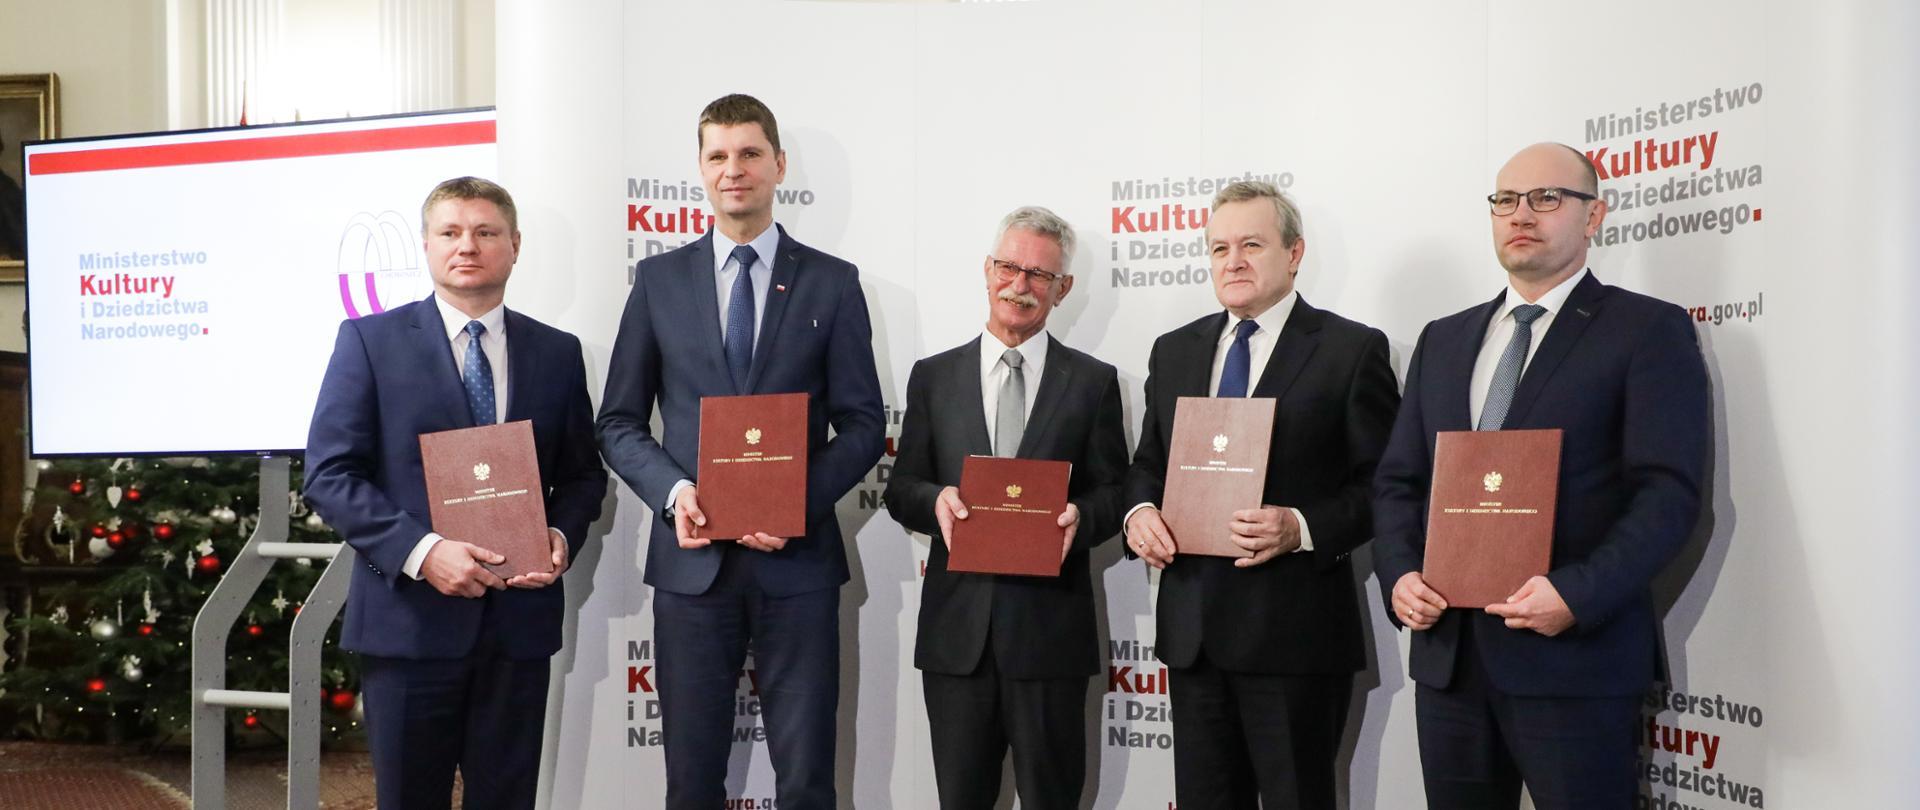 Muzeum Podlaskie w Białymstoku kolejną instytucją współprowadzoną przez MKiDN, fot. Danuta Matloch